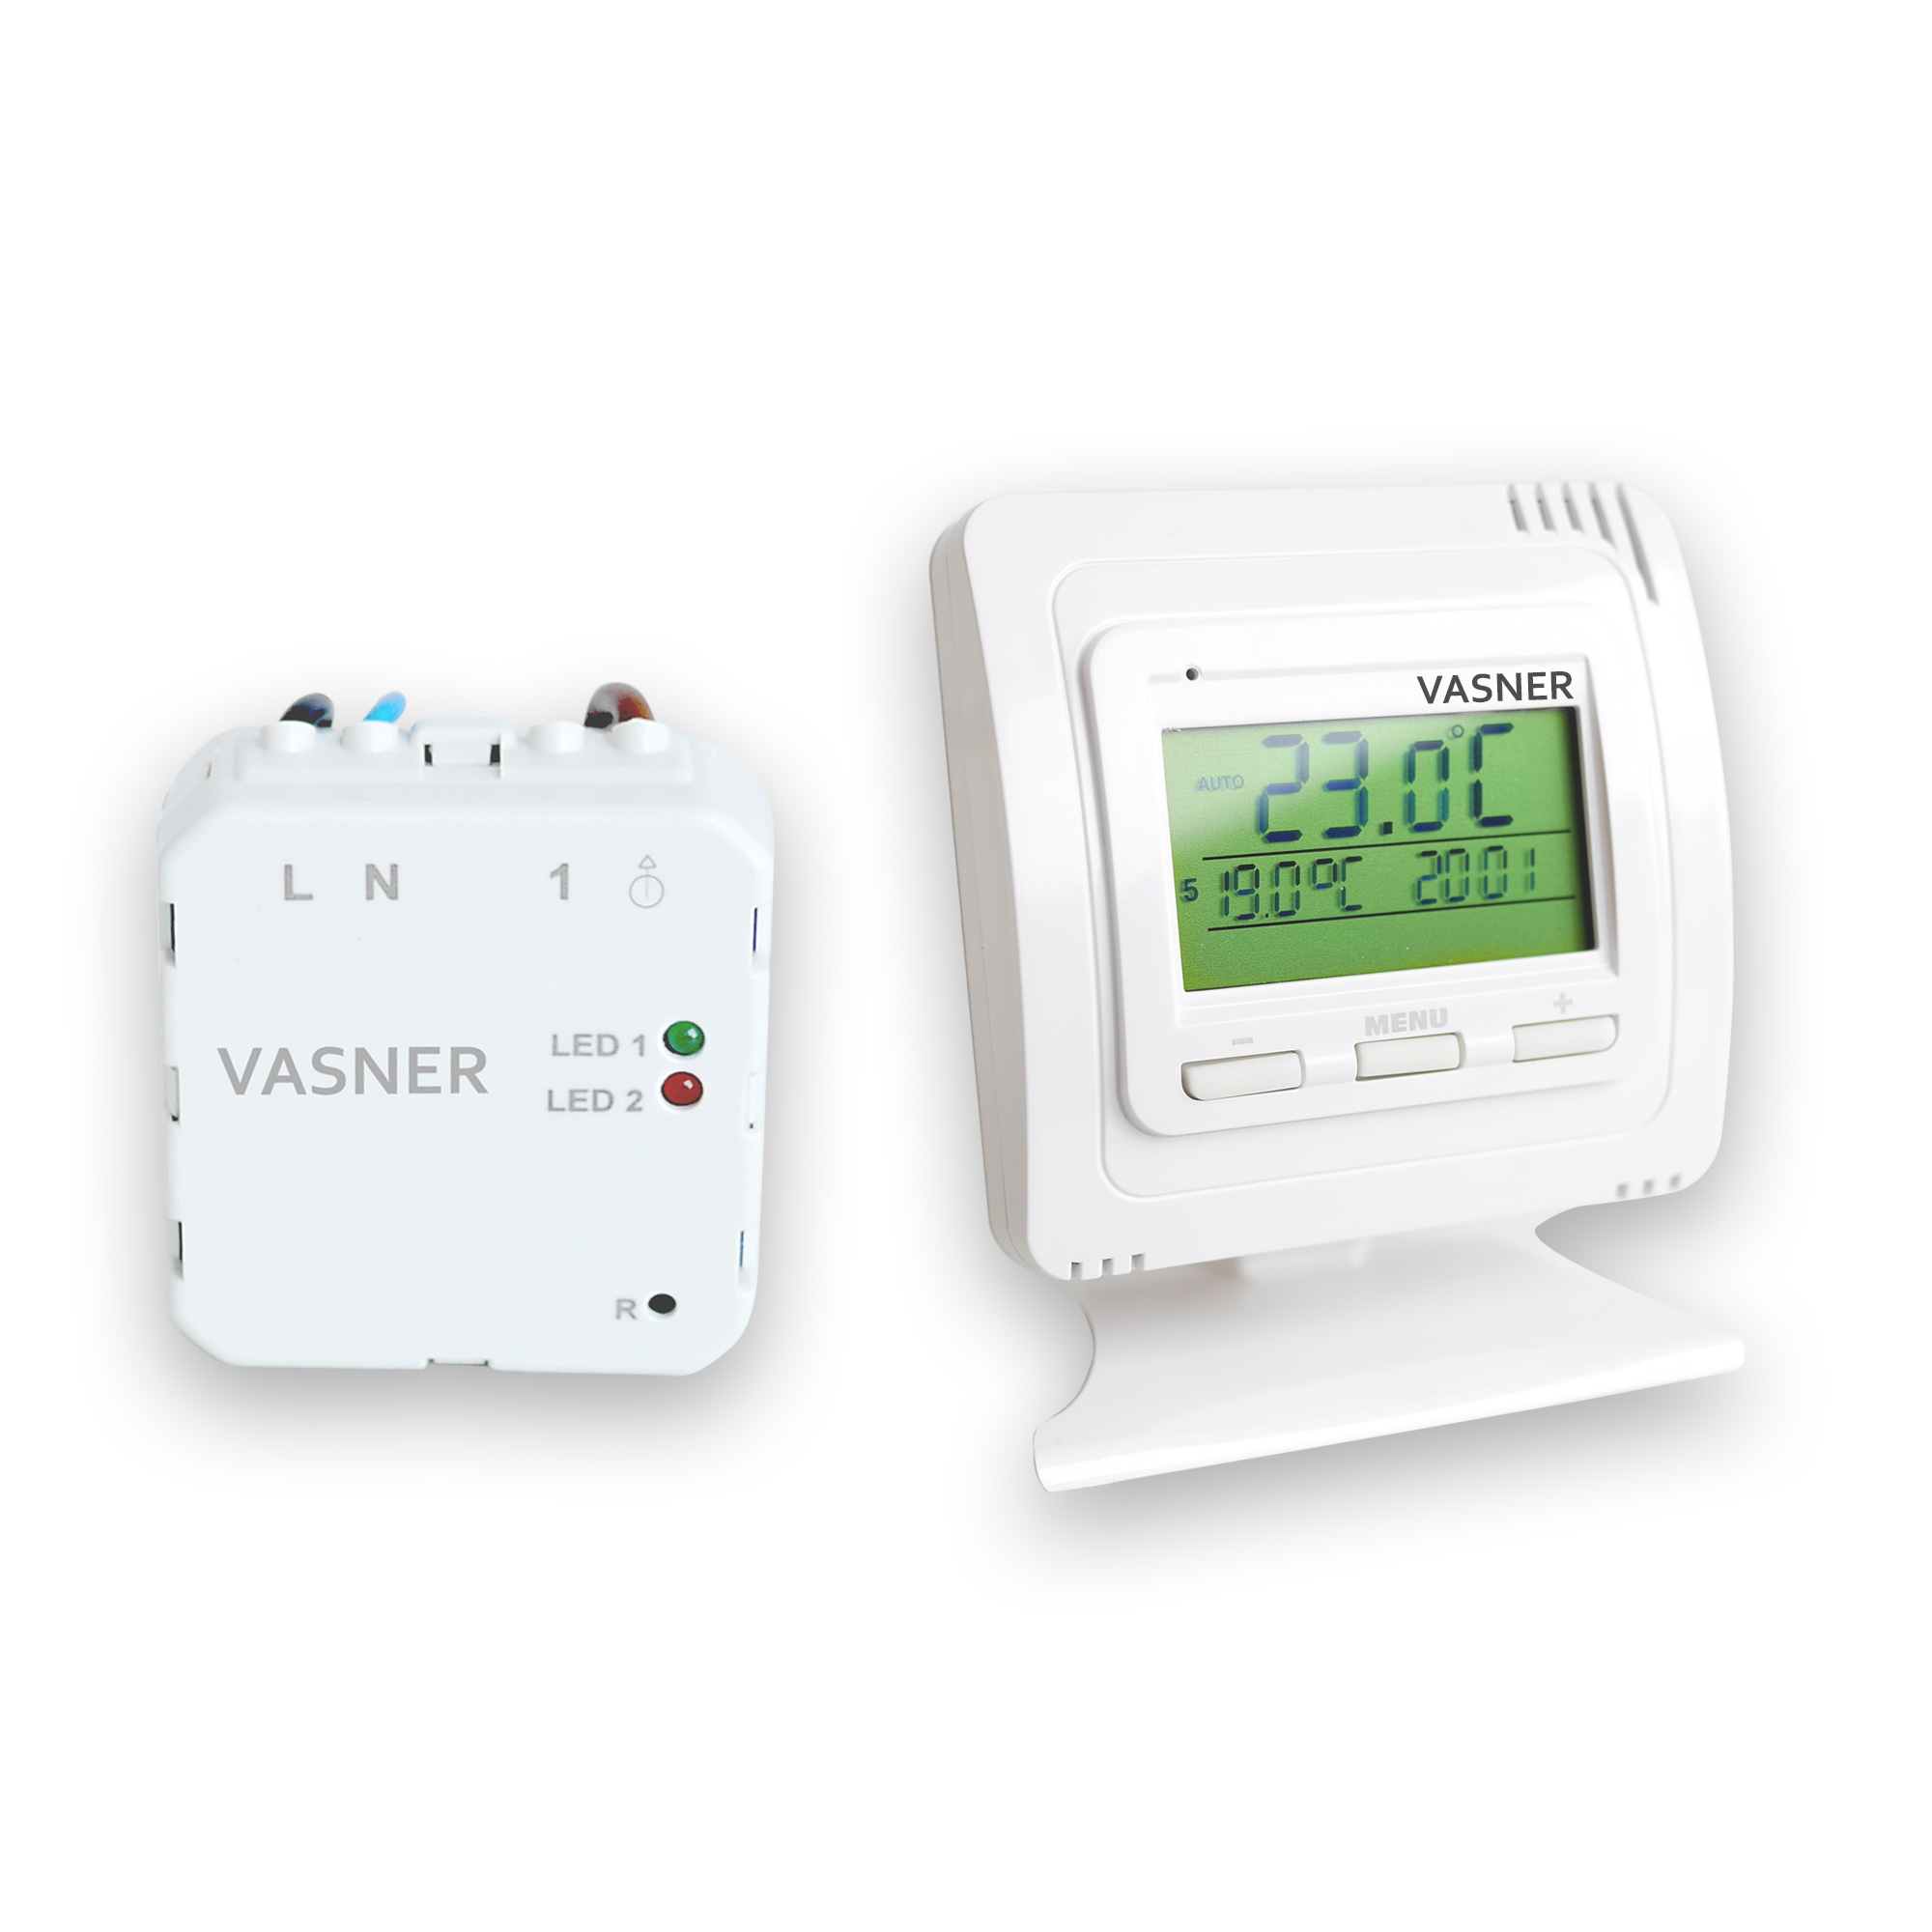 Das Infrarot Deckenheizung Unterputz Thermostat VFTB-US von VASNER